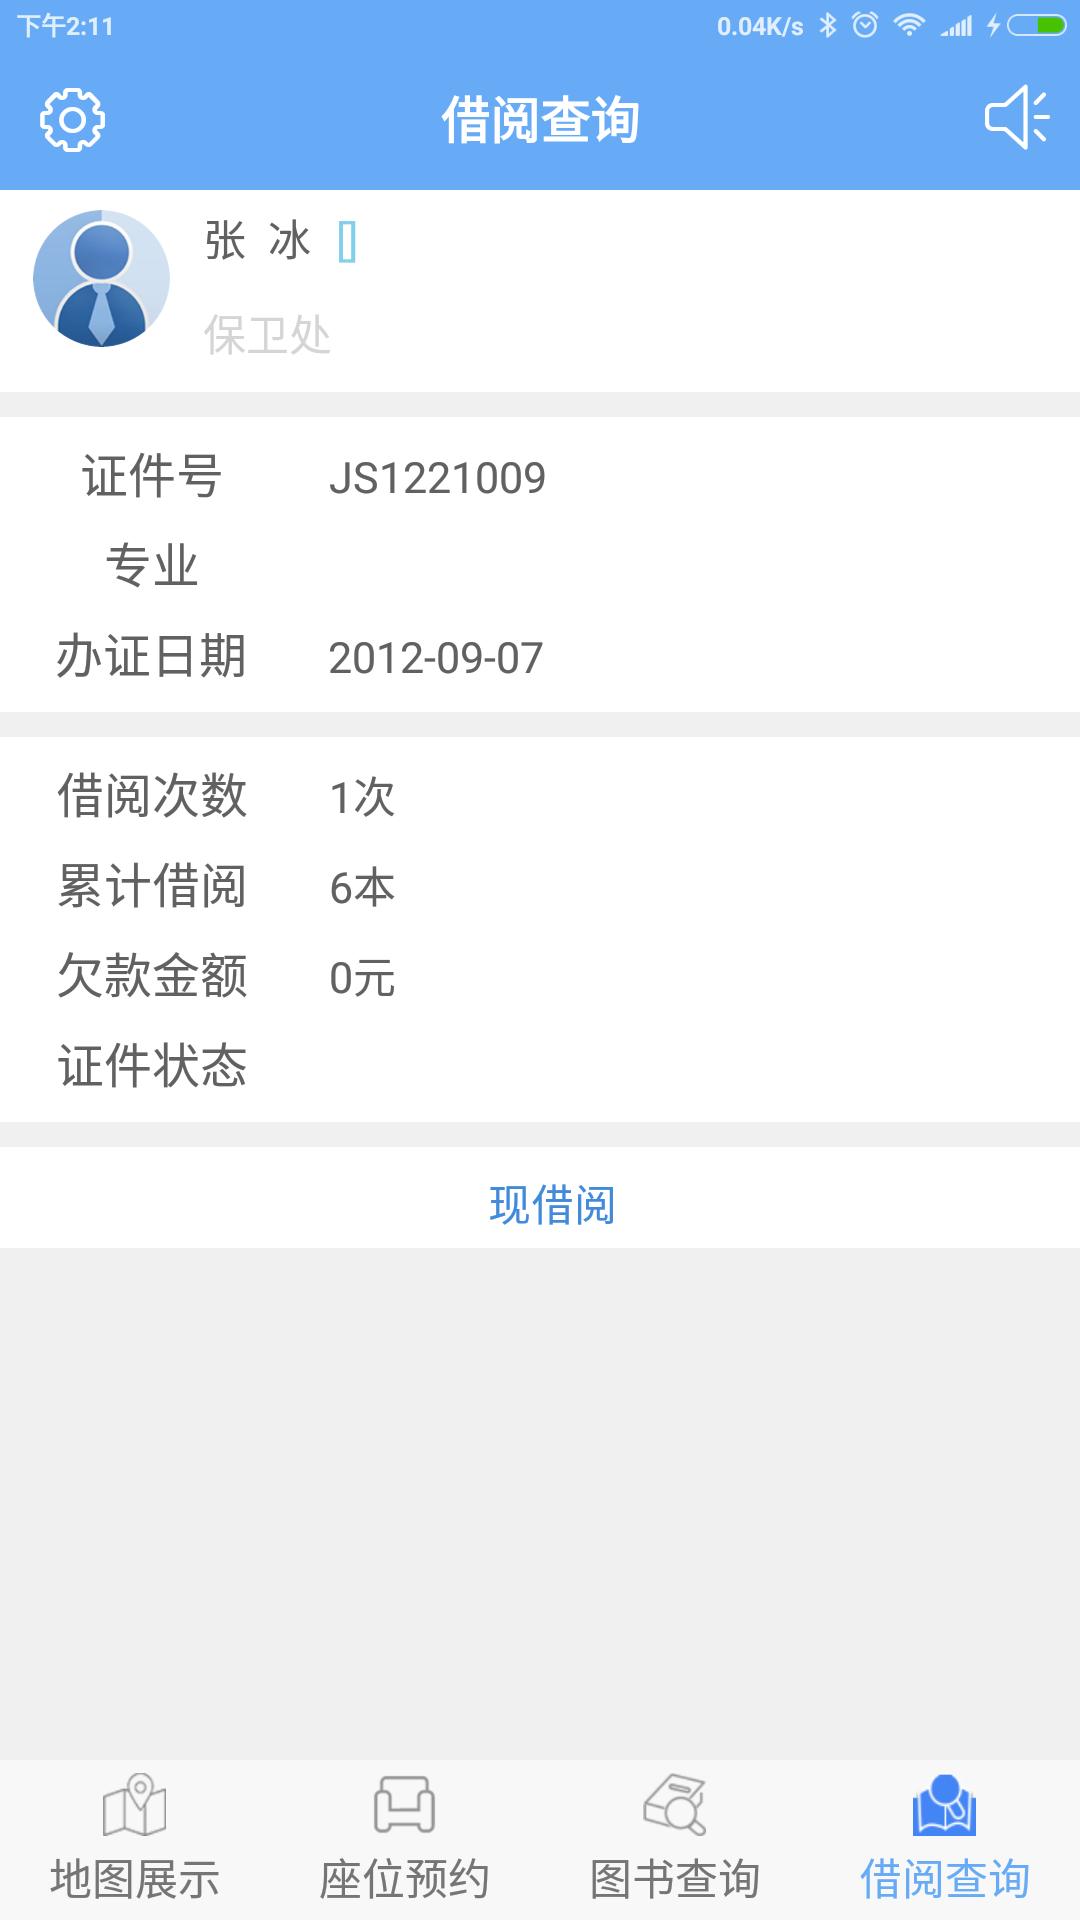 黄淮图书馆预约-应用截图